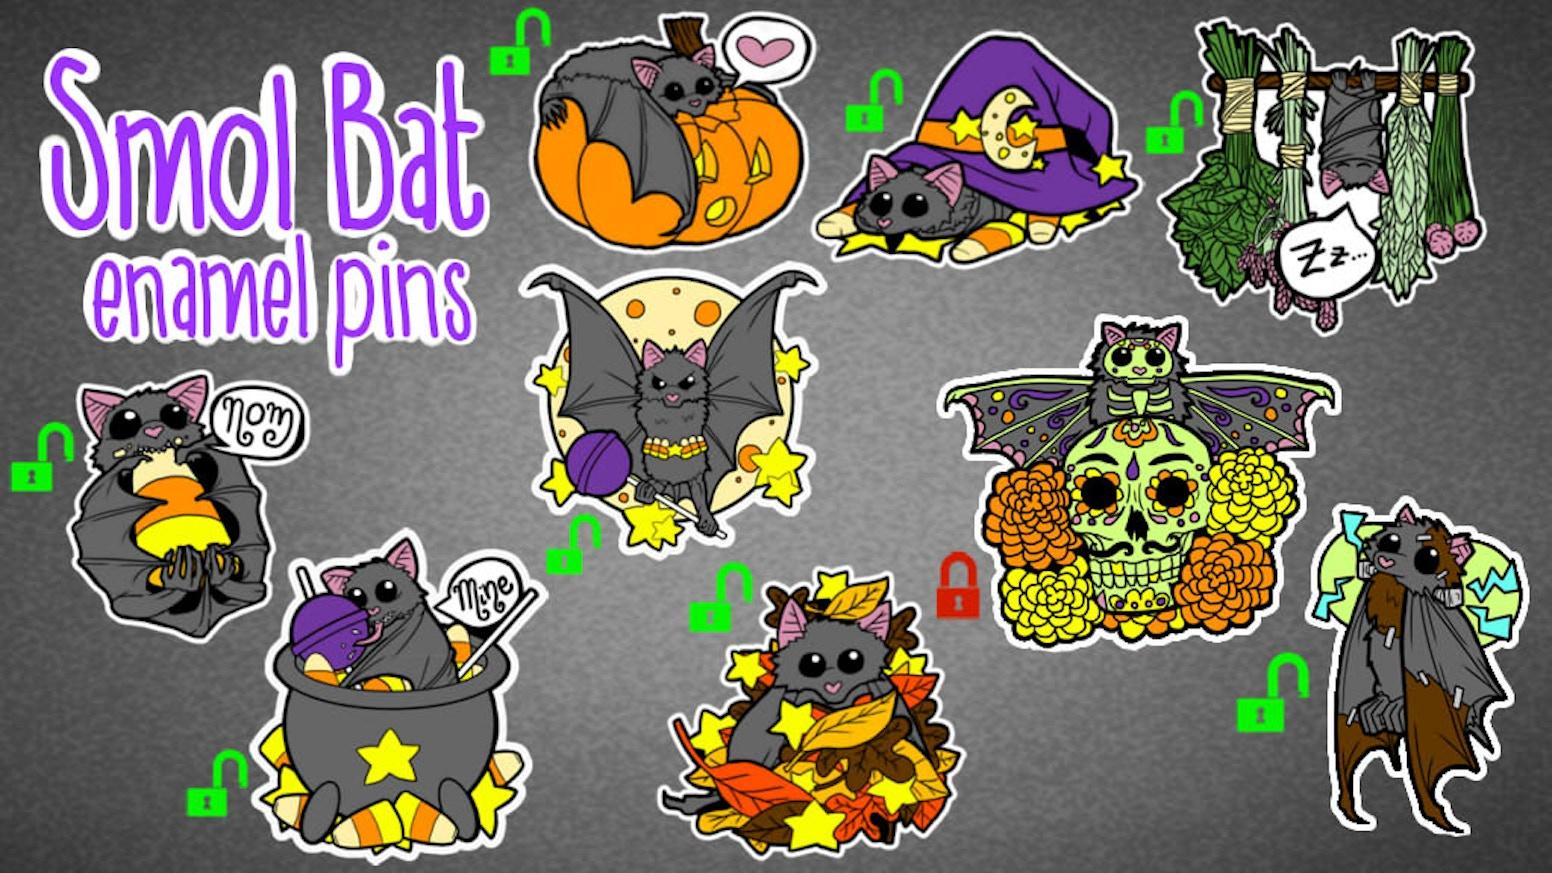 Smol Bat Enamel Pins by Thimsy » Stretch Goal 9 Unlocked! +